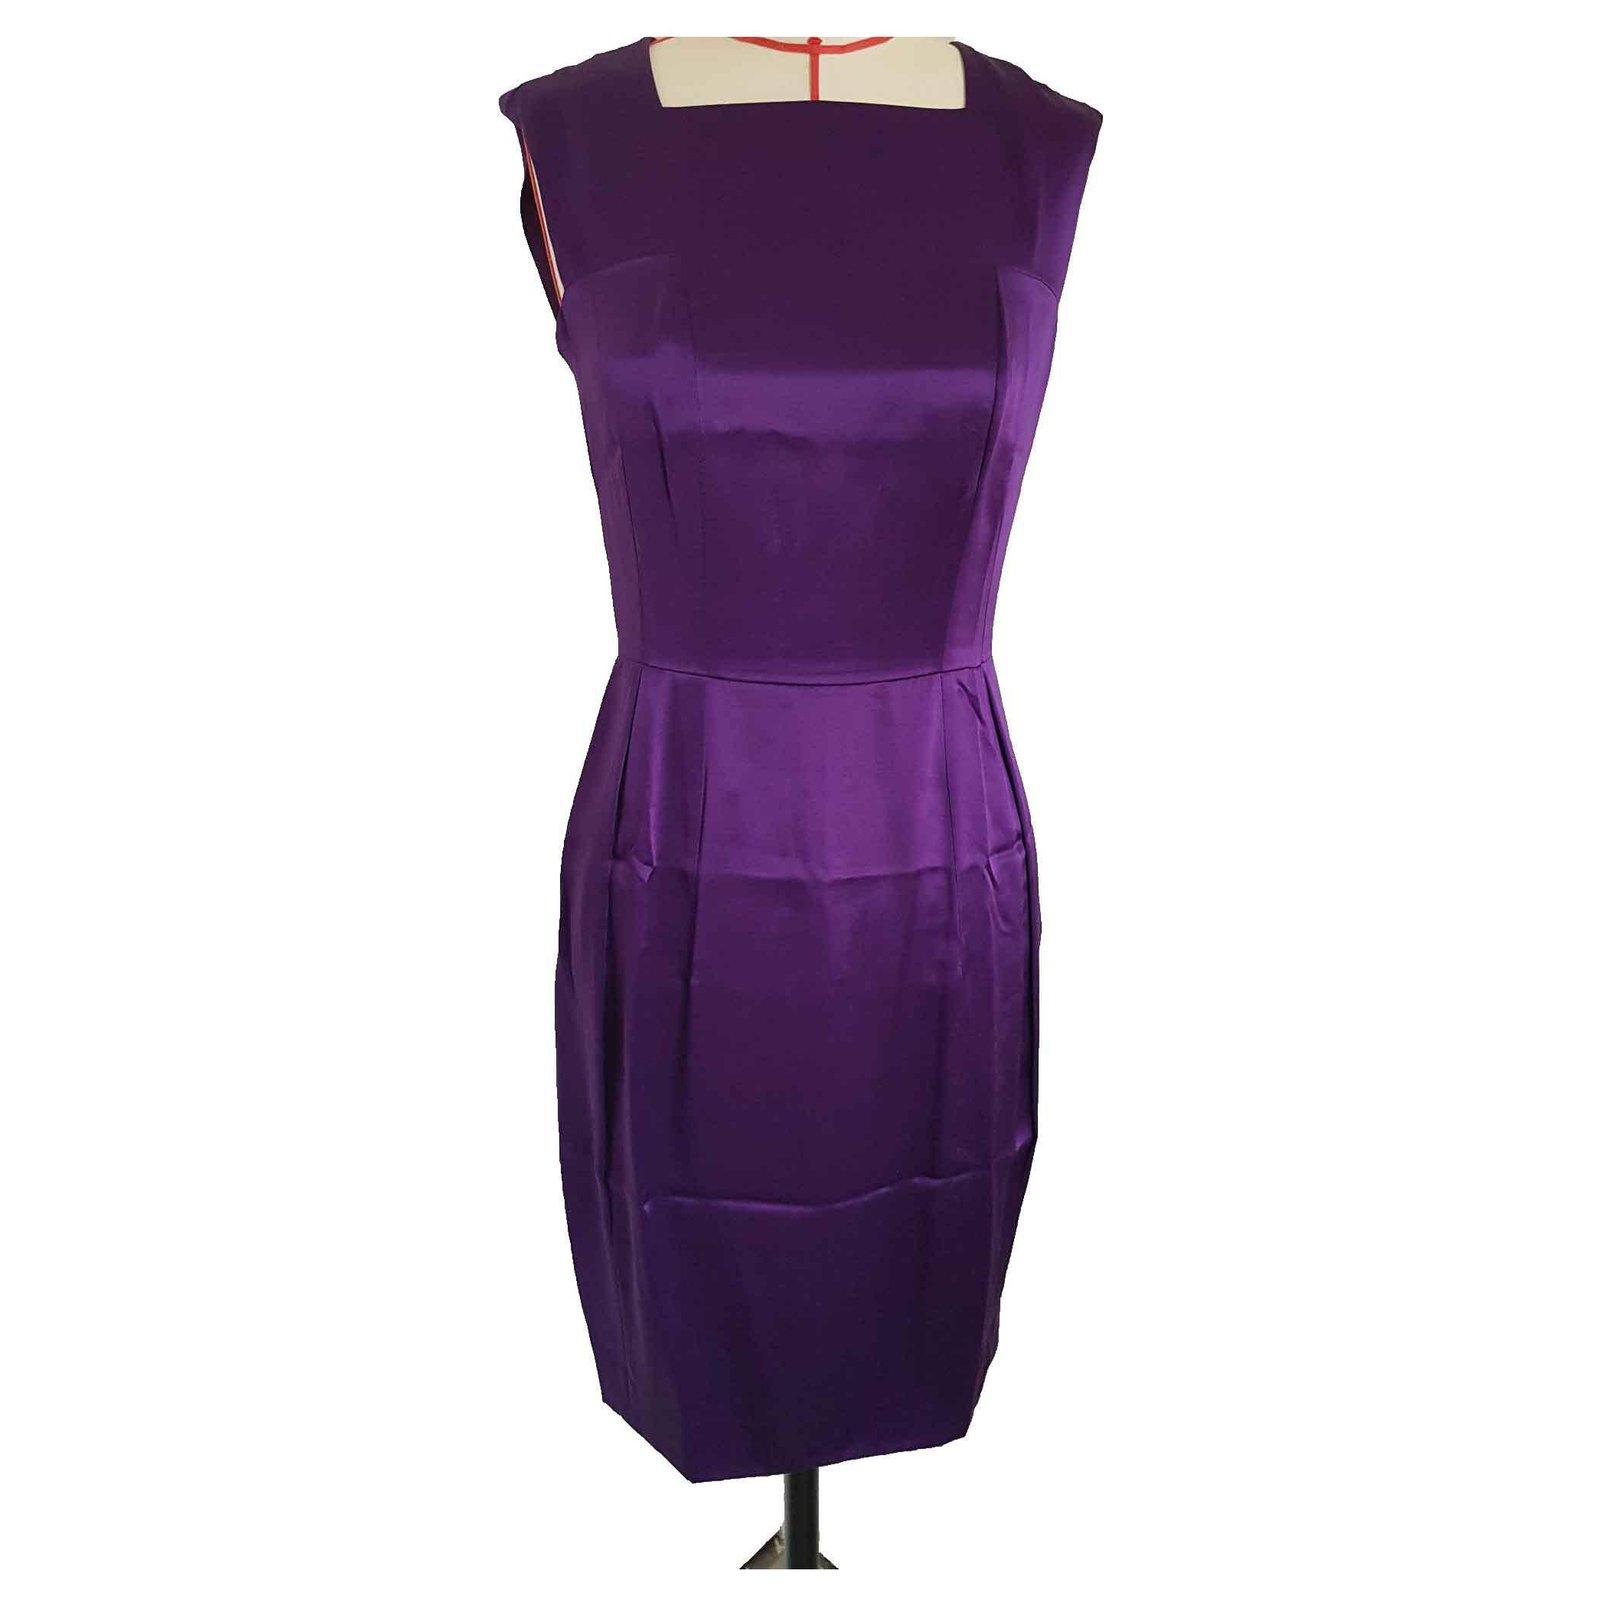 Robes Yves Saint Laurent Robe Yves Saint Laurent En Satin De Soie Soie Violet Ref 124921 Joli Closet